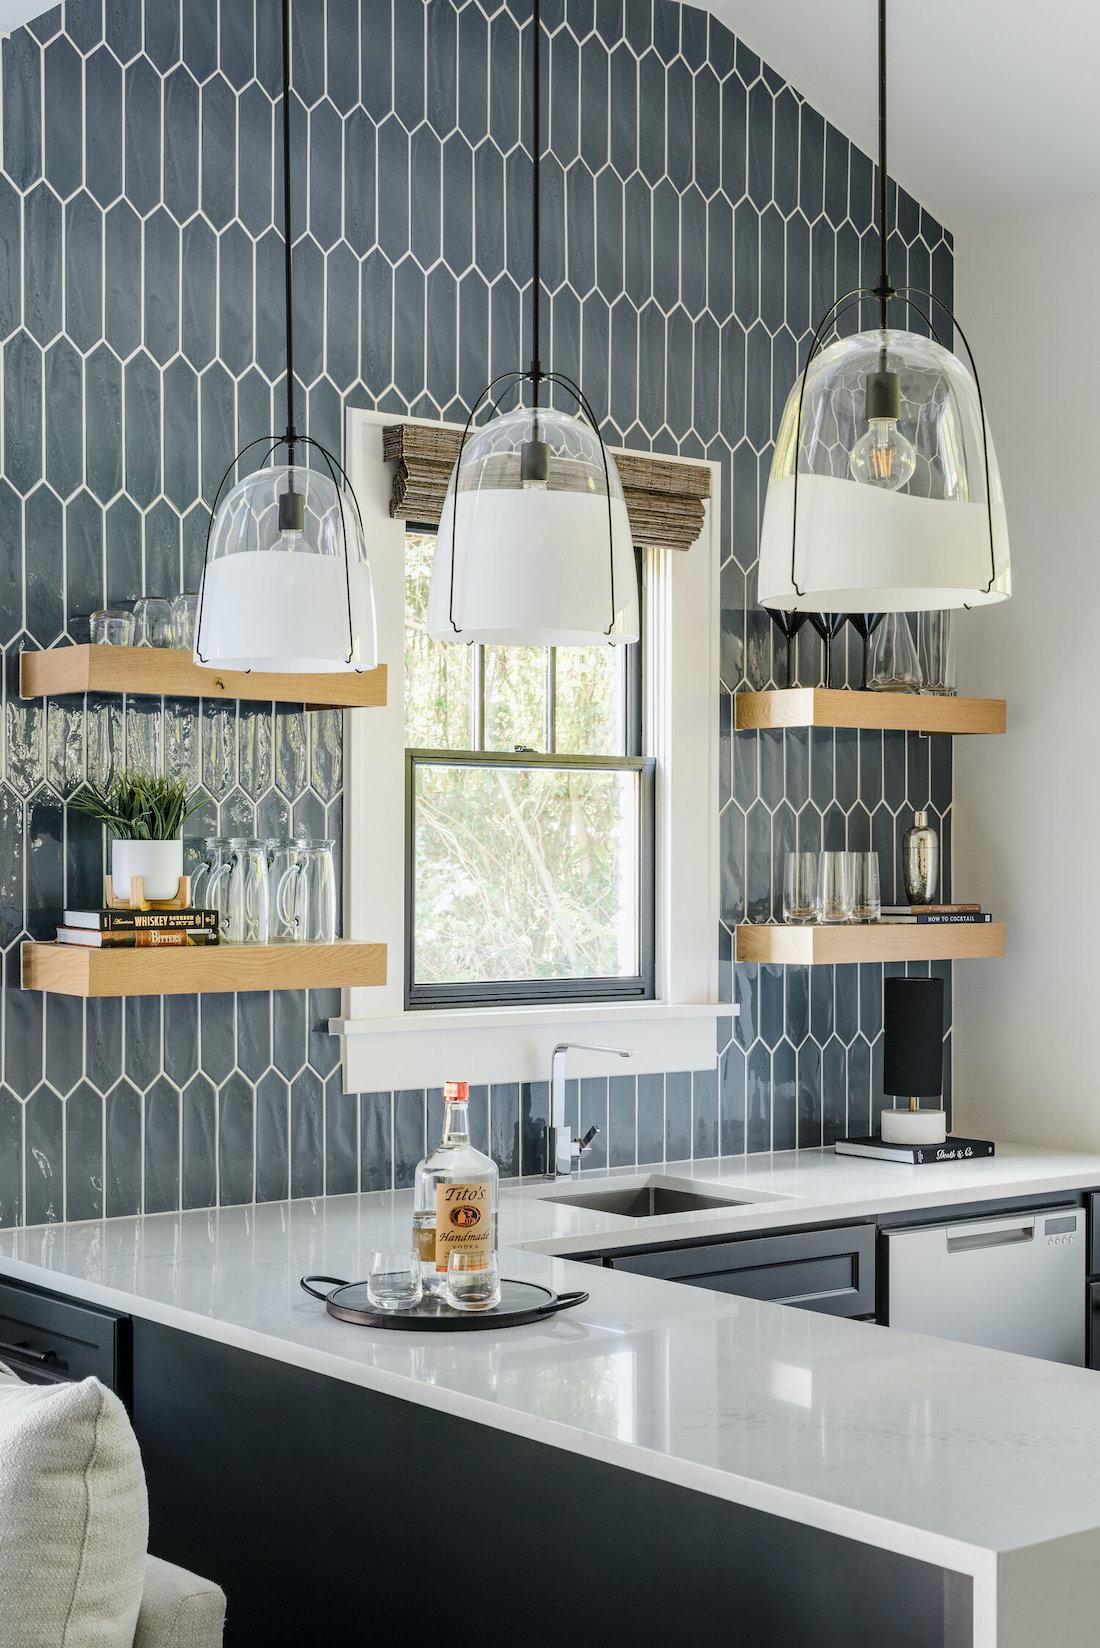 Blue picket tile vertical in kitchen